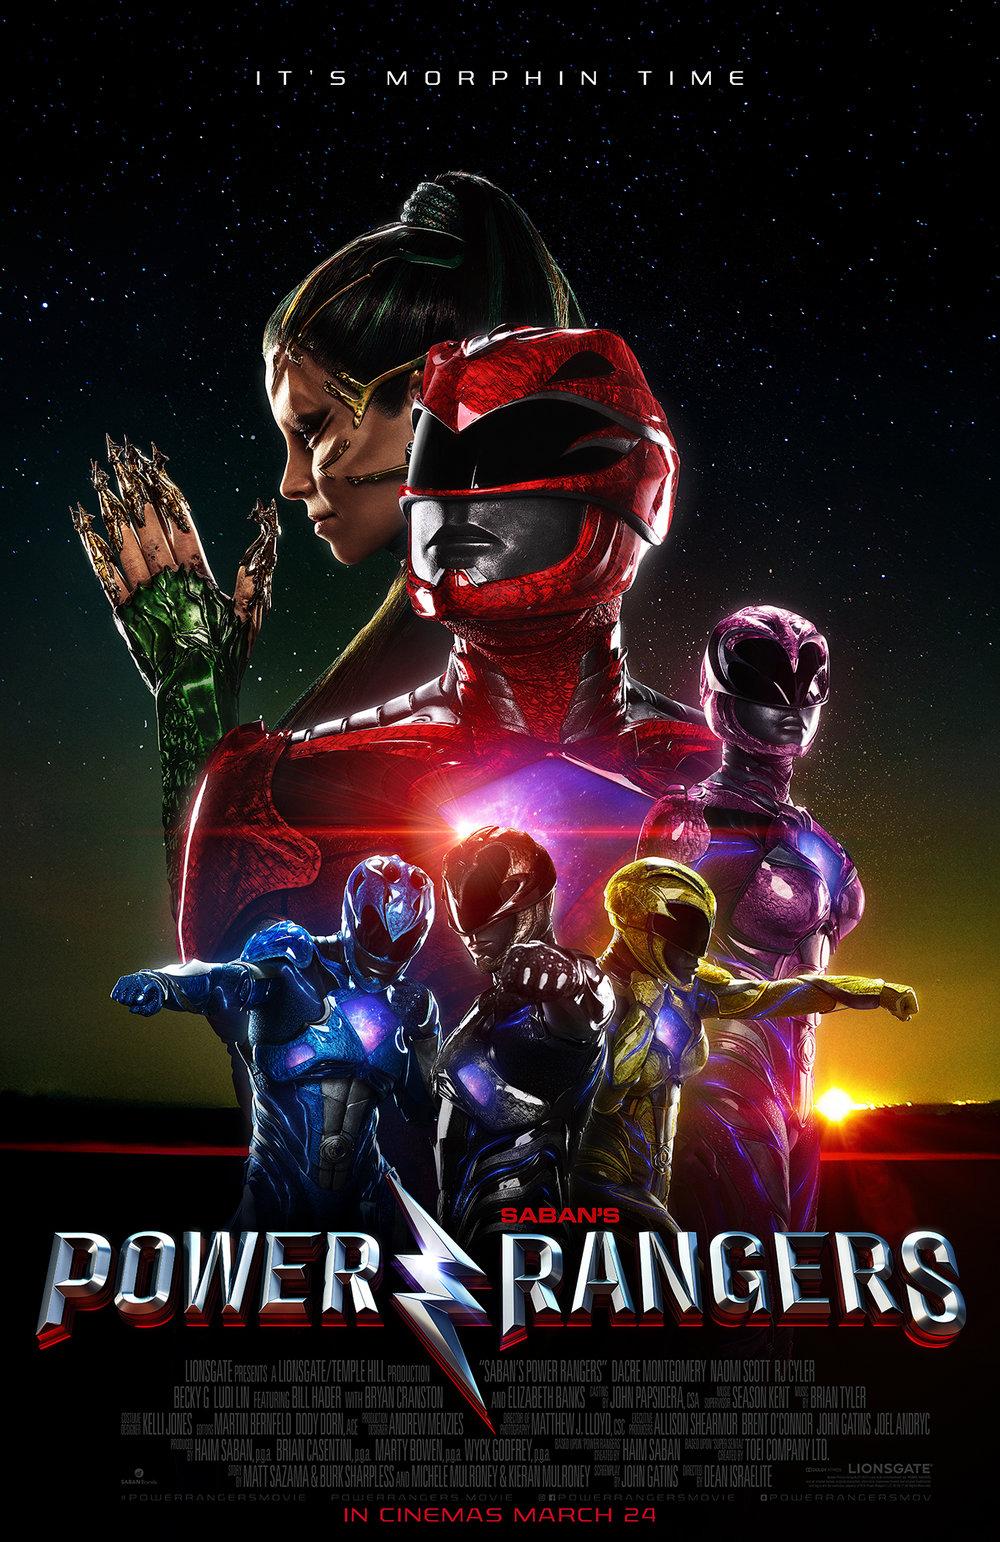 PowerRangers_1Sht_Intl_Rita_VF_100dpi.jpg